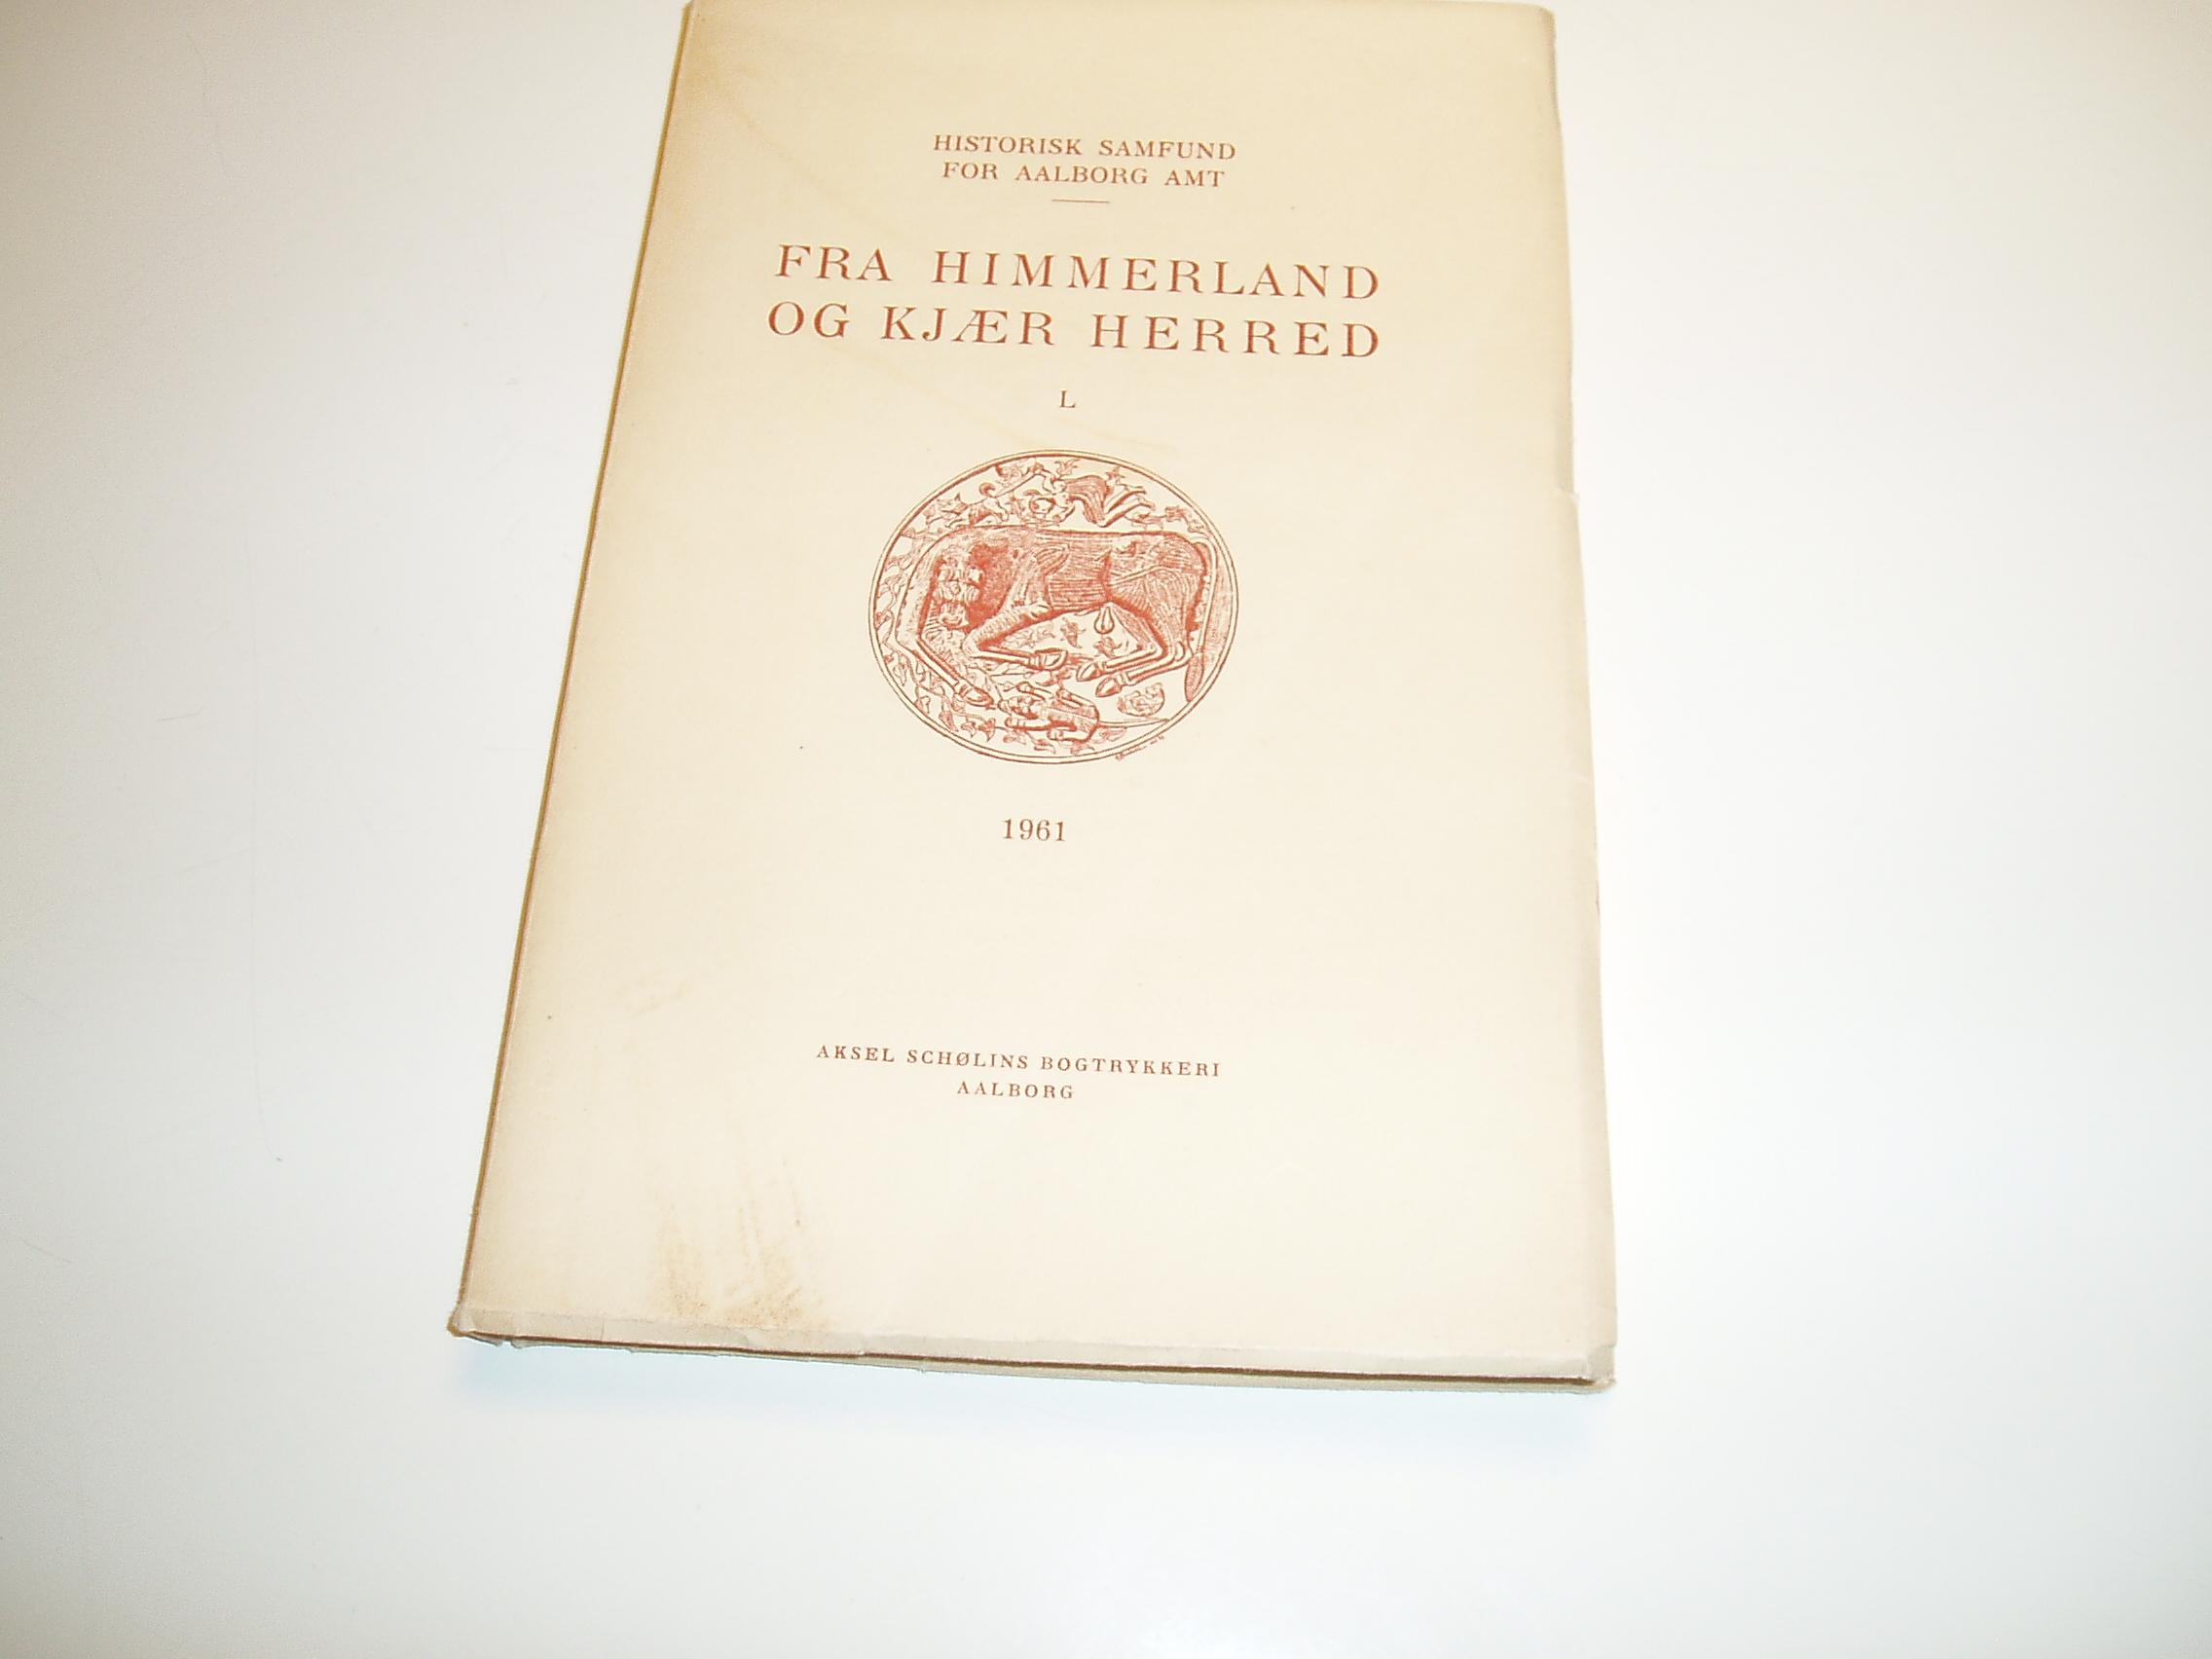 Fra Himmerland og Kjær Herred. 1961